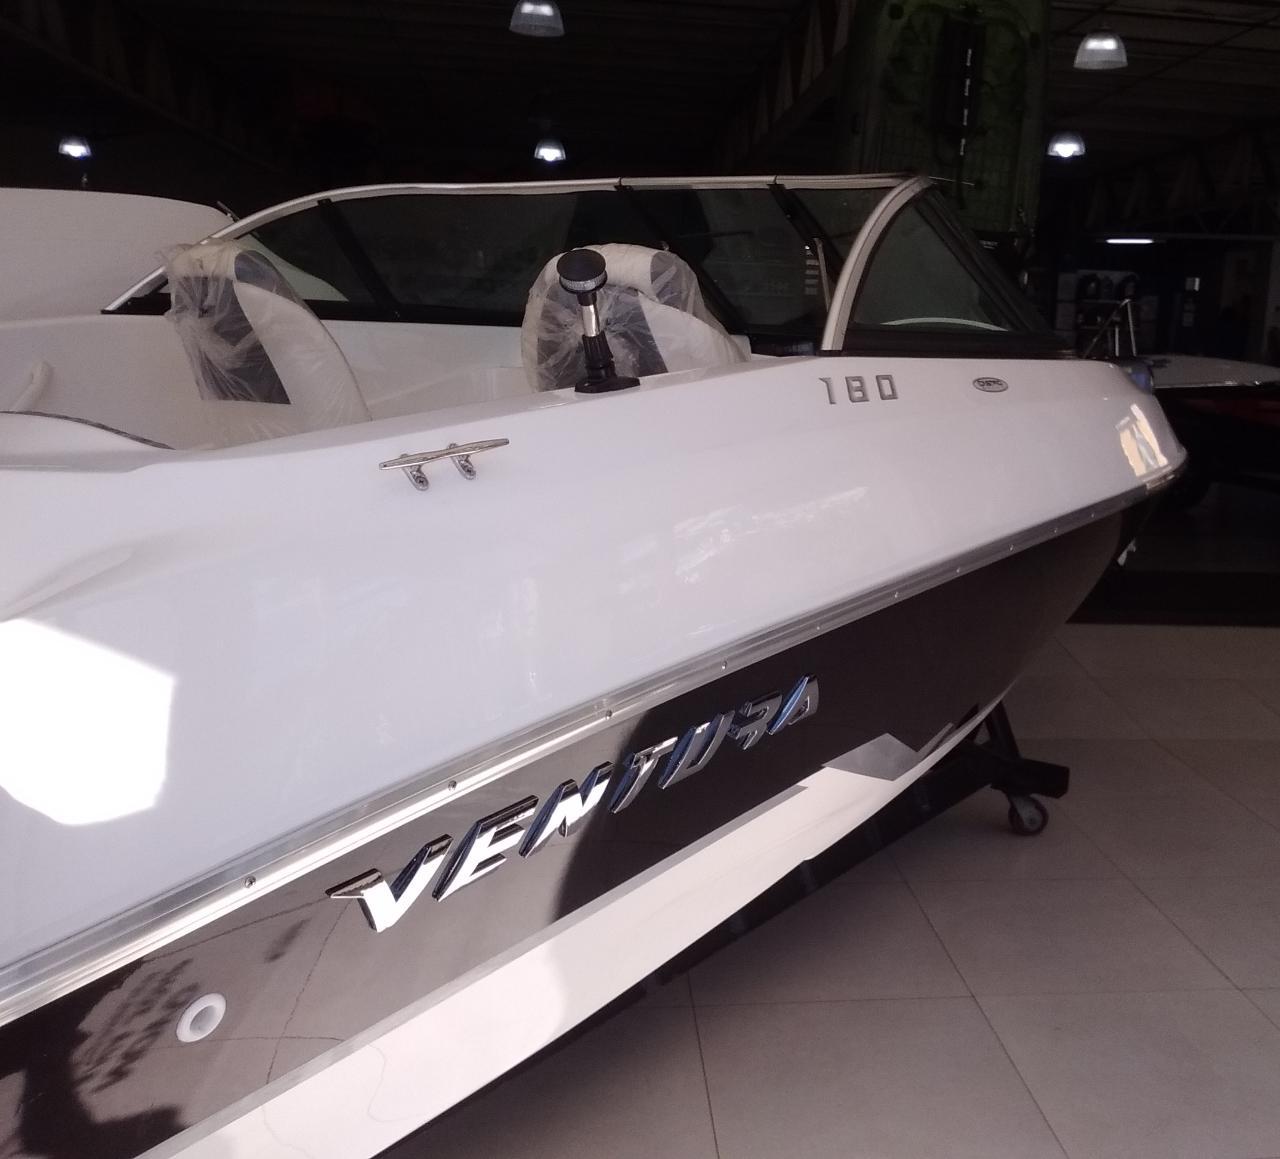 Ventura 180 Comfort